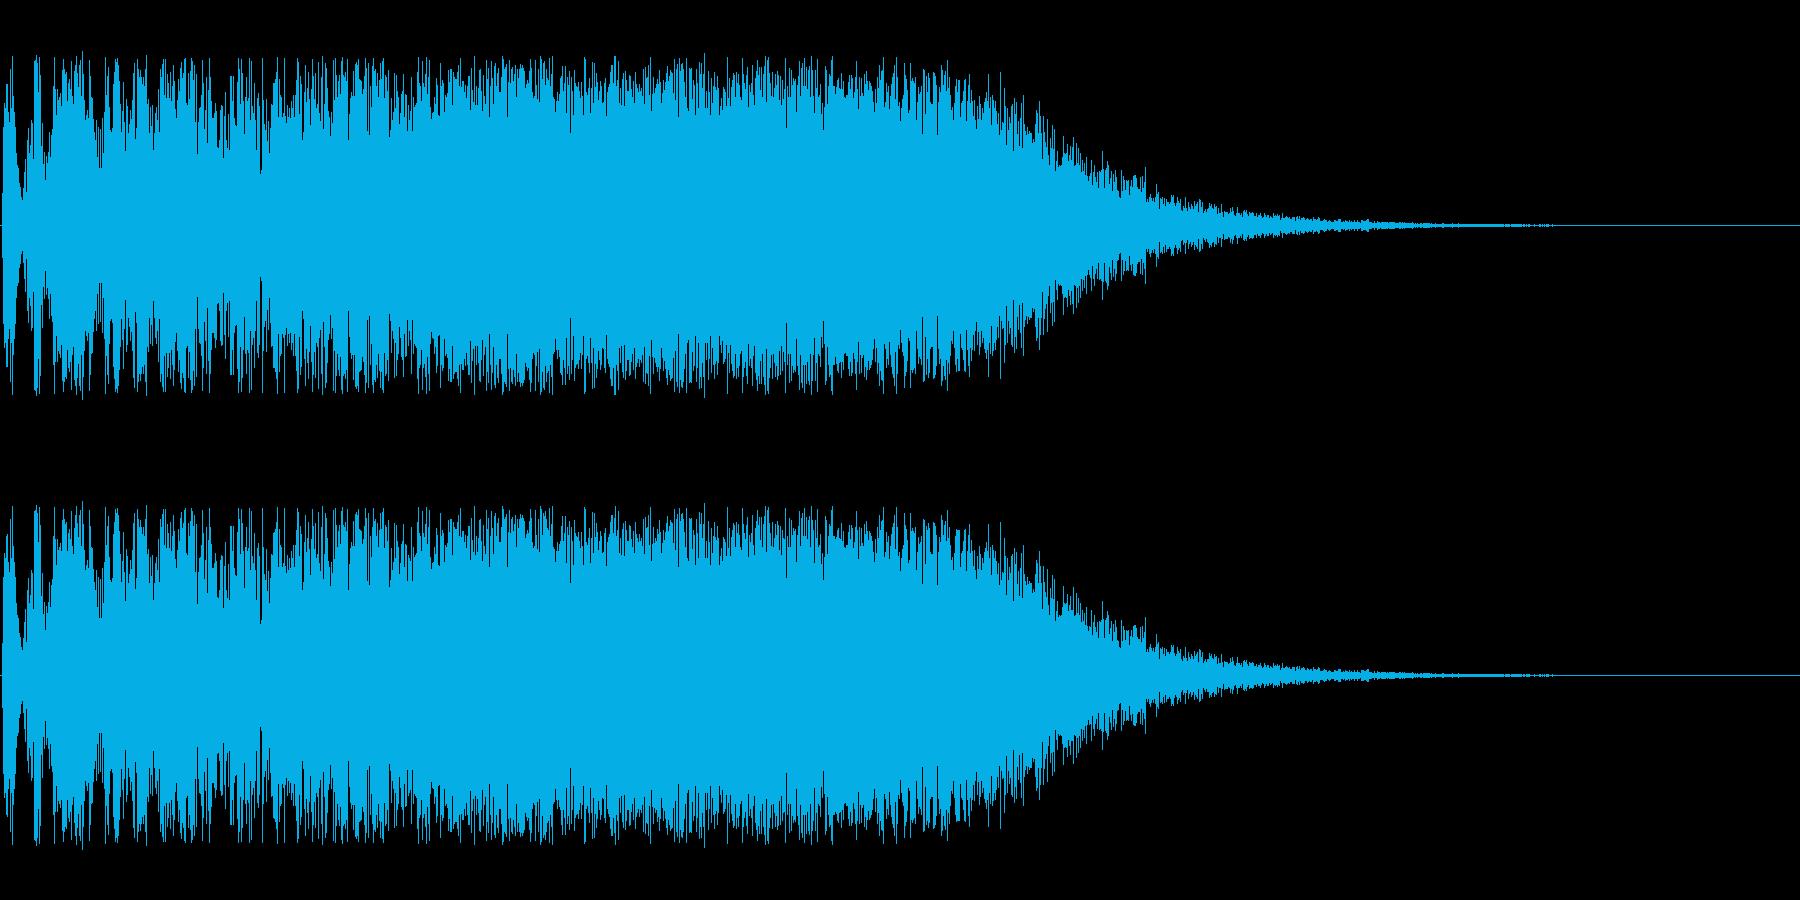 特撮にありそうな攻撃音の再生済みの波形